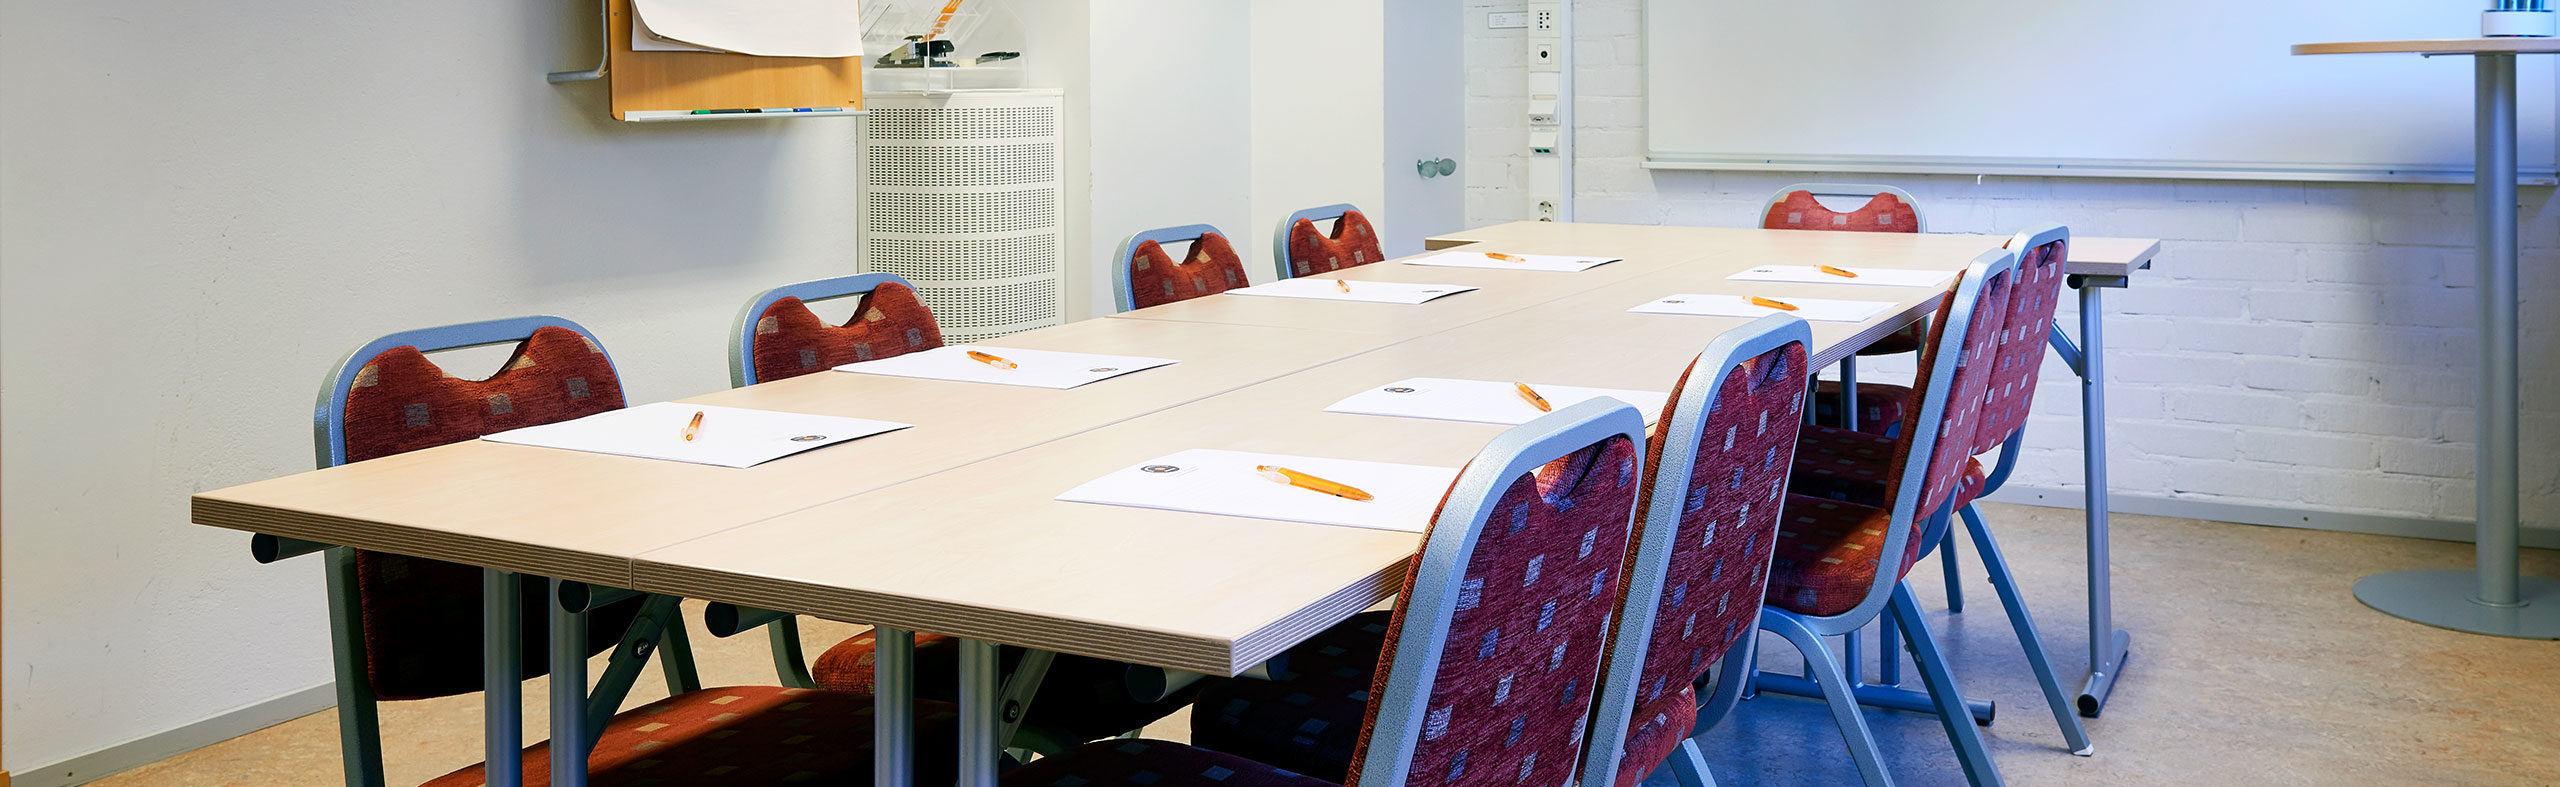 Konferensrum Loket Hotell Rådmannen